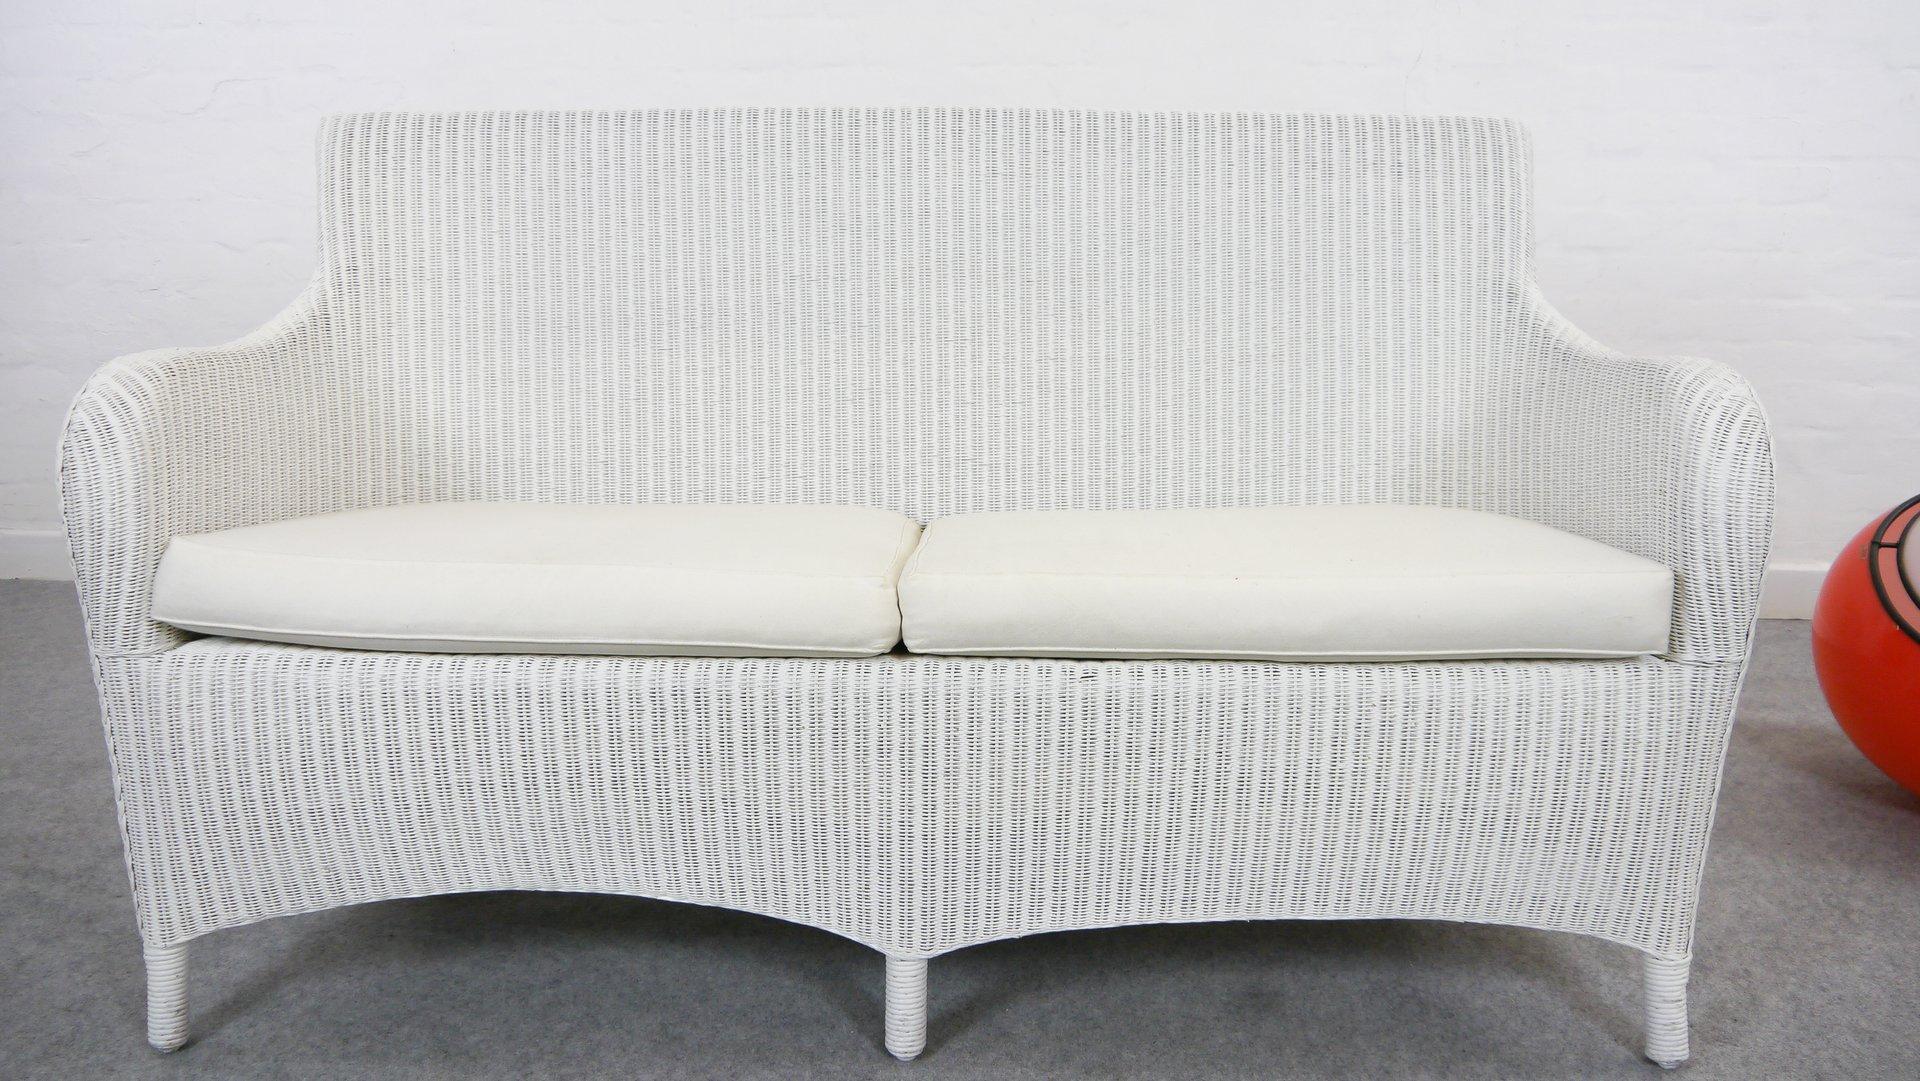 wei es vintage lloyd loom rattan sofa von welle bei pamono kaufen. Black Bedroom Furniture Sets. Home Design Ideas